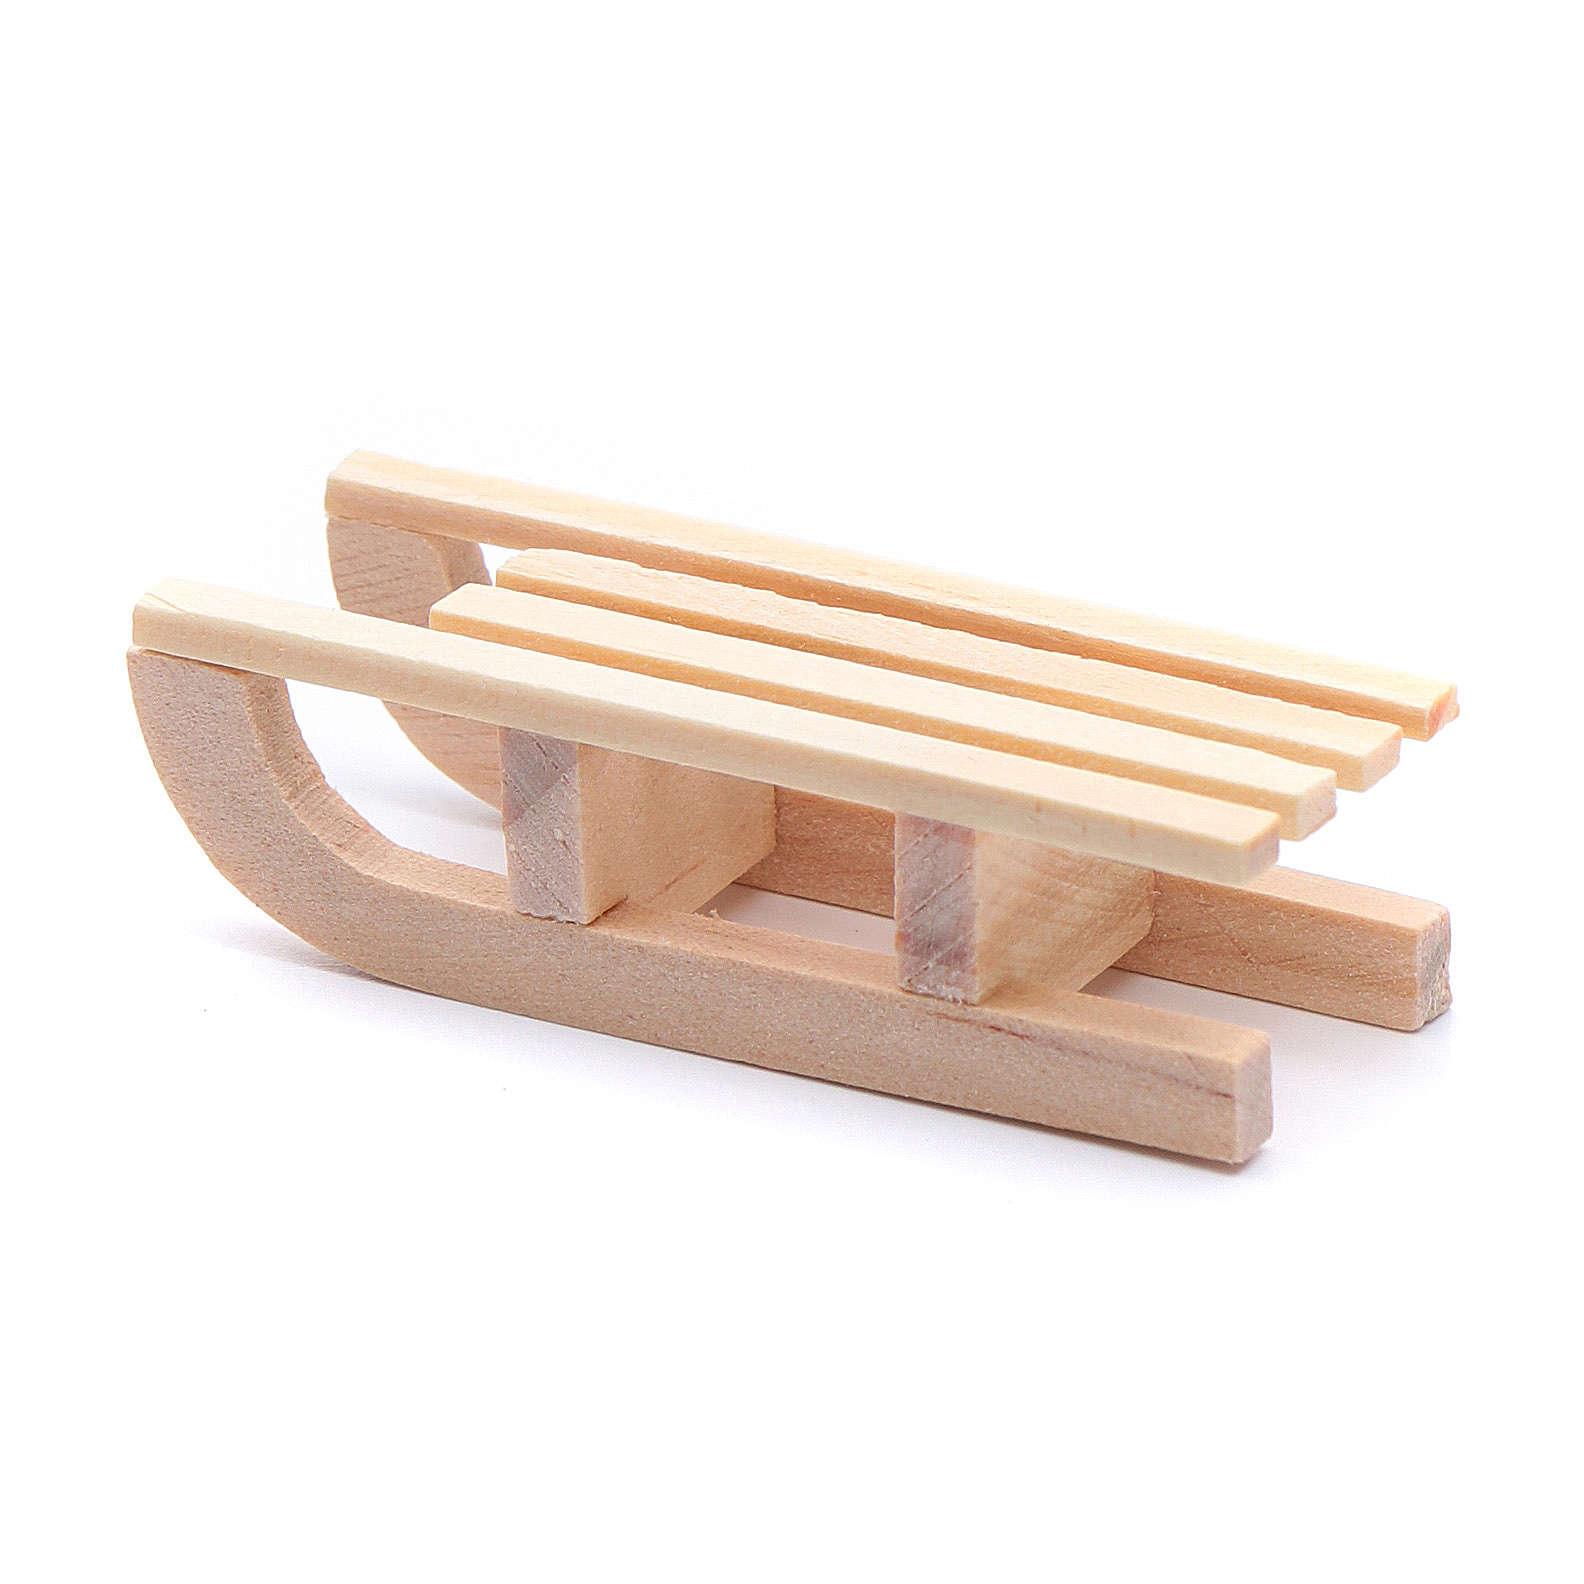 Sanki drewniane 1.5x5x2 cm do szopki 4